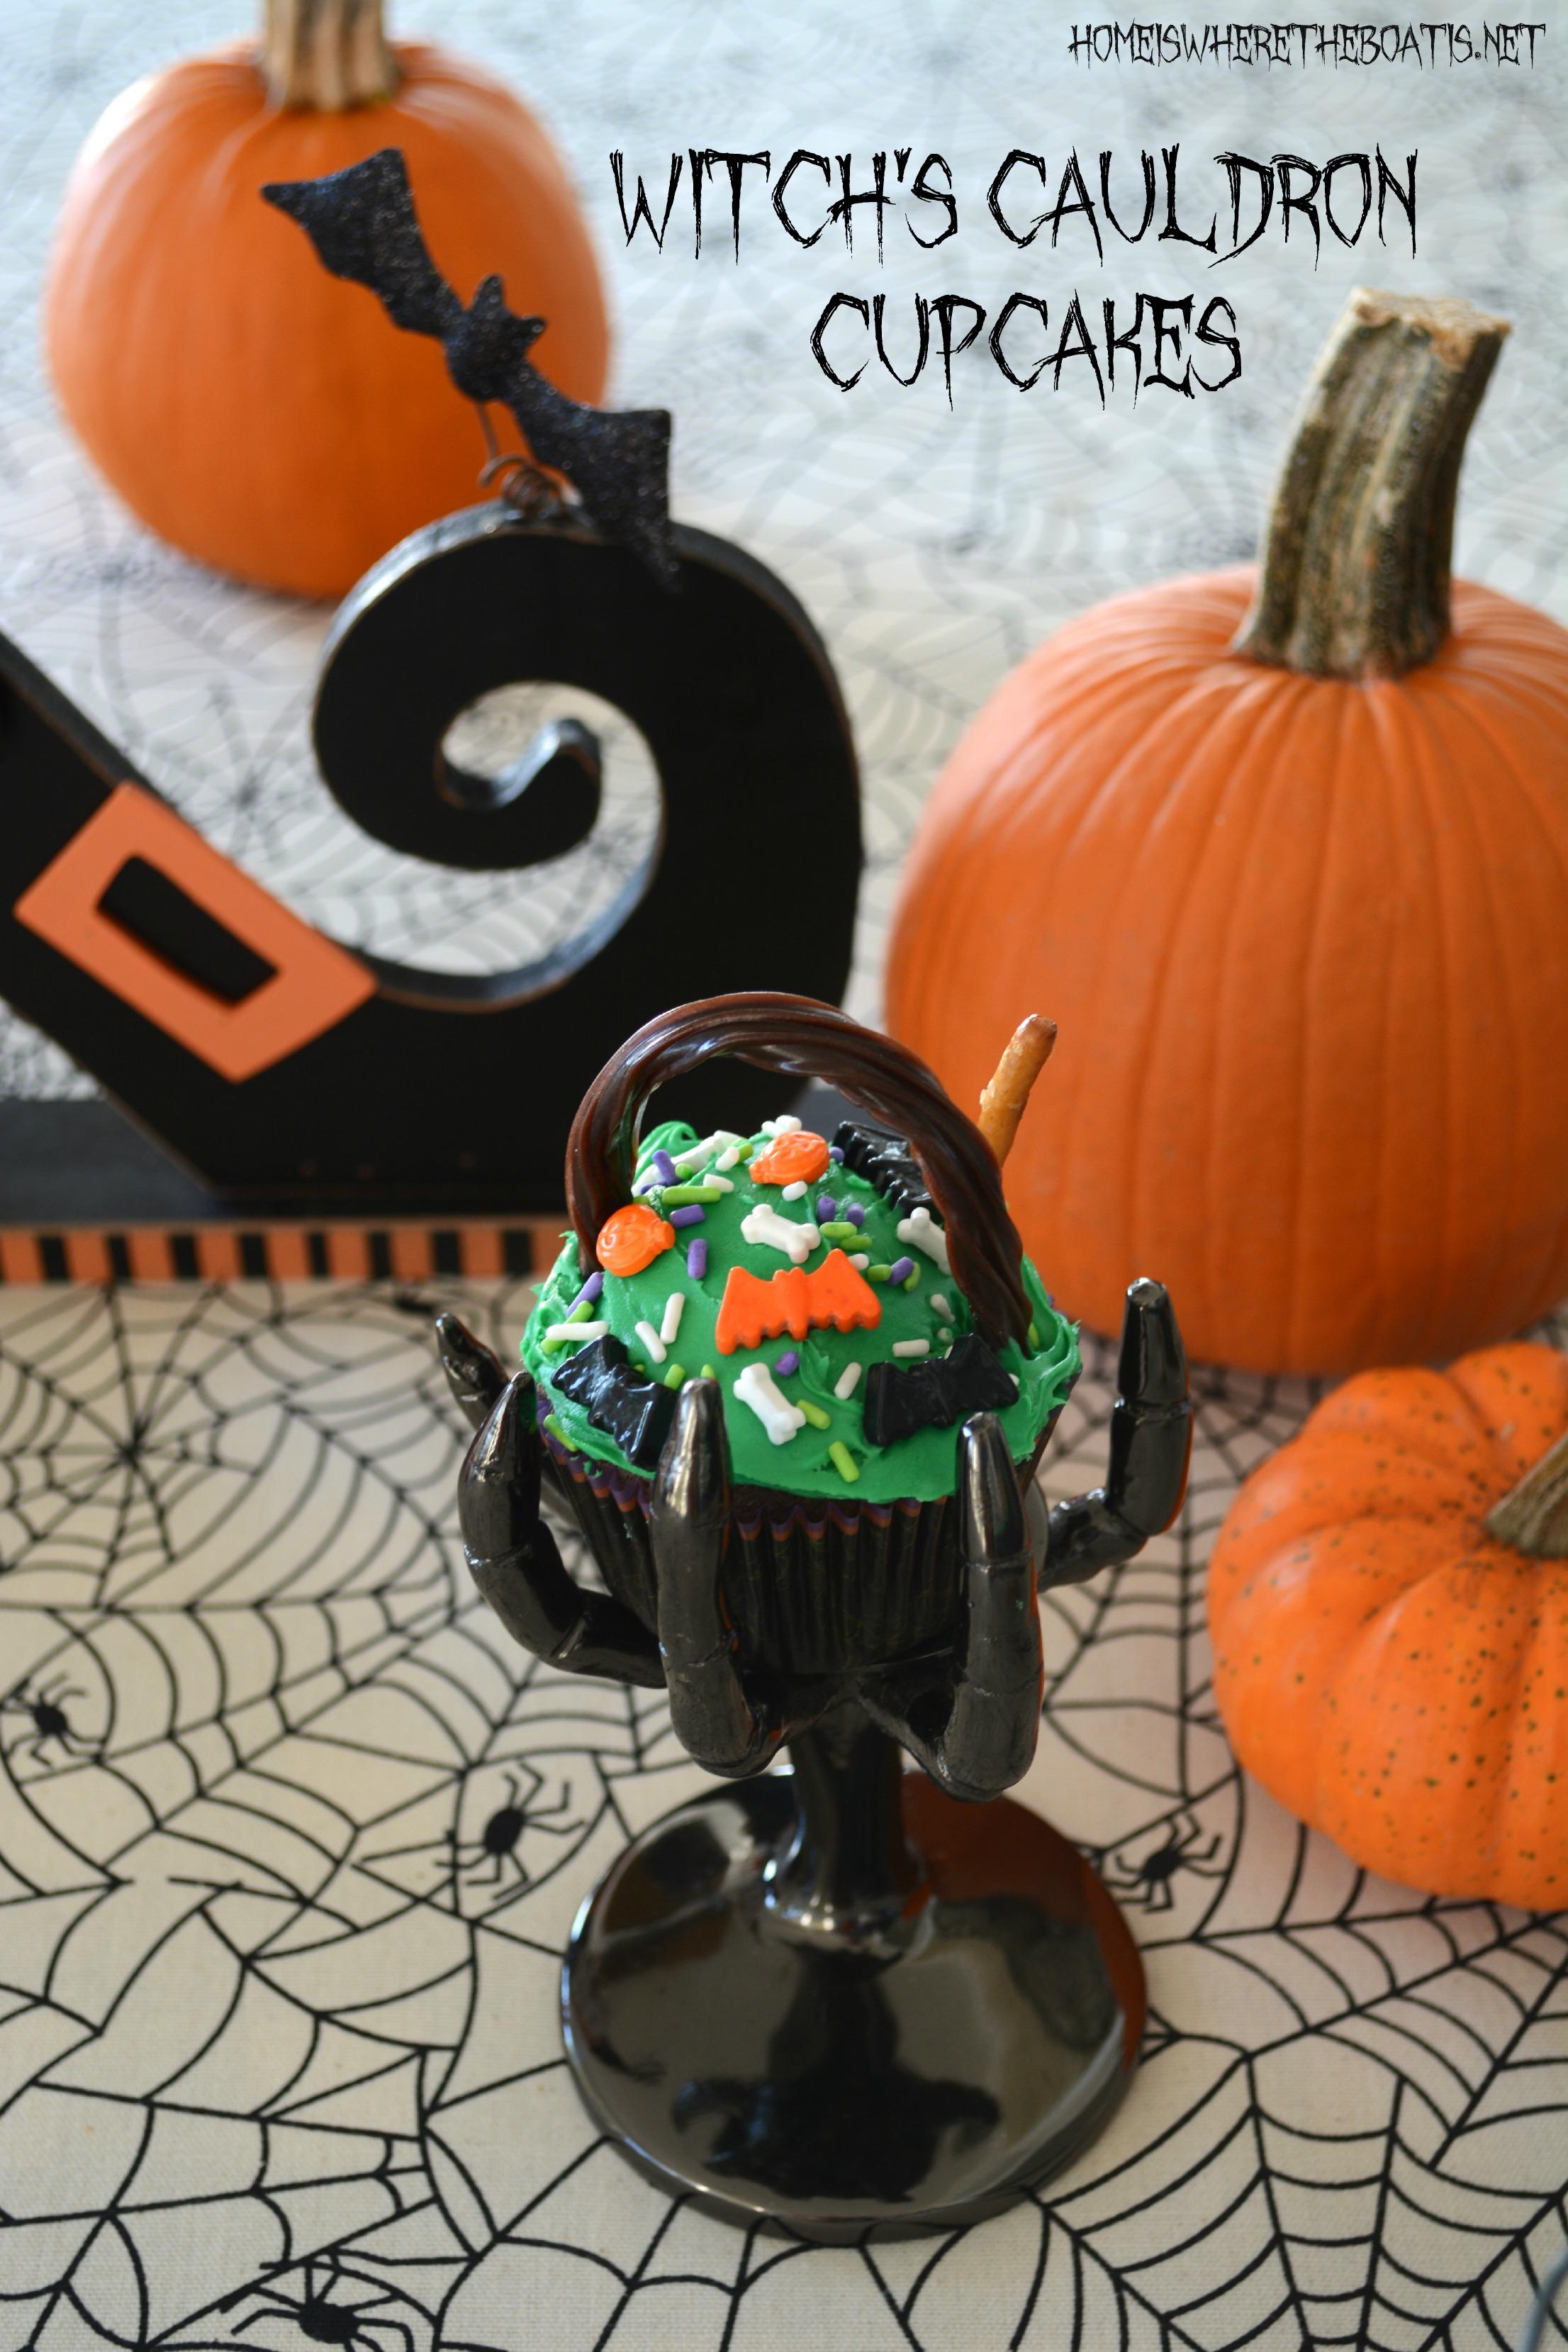 Halloween Witches Cauldron Cupcakes